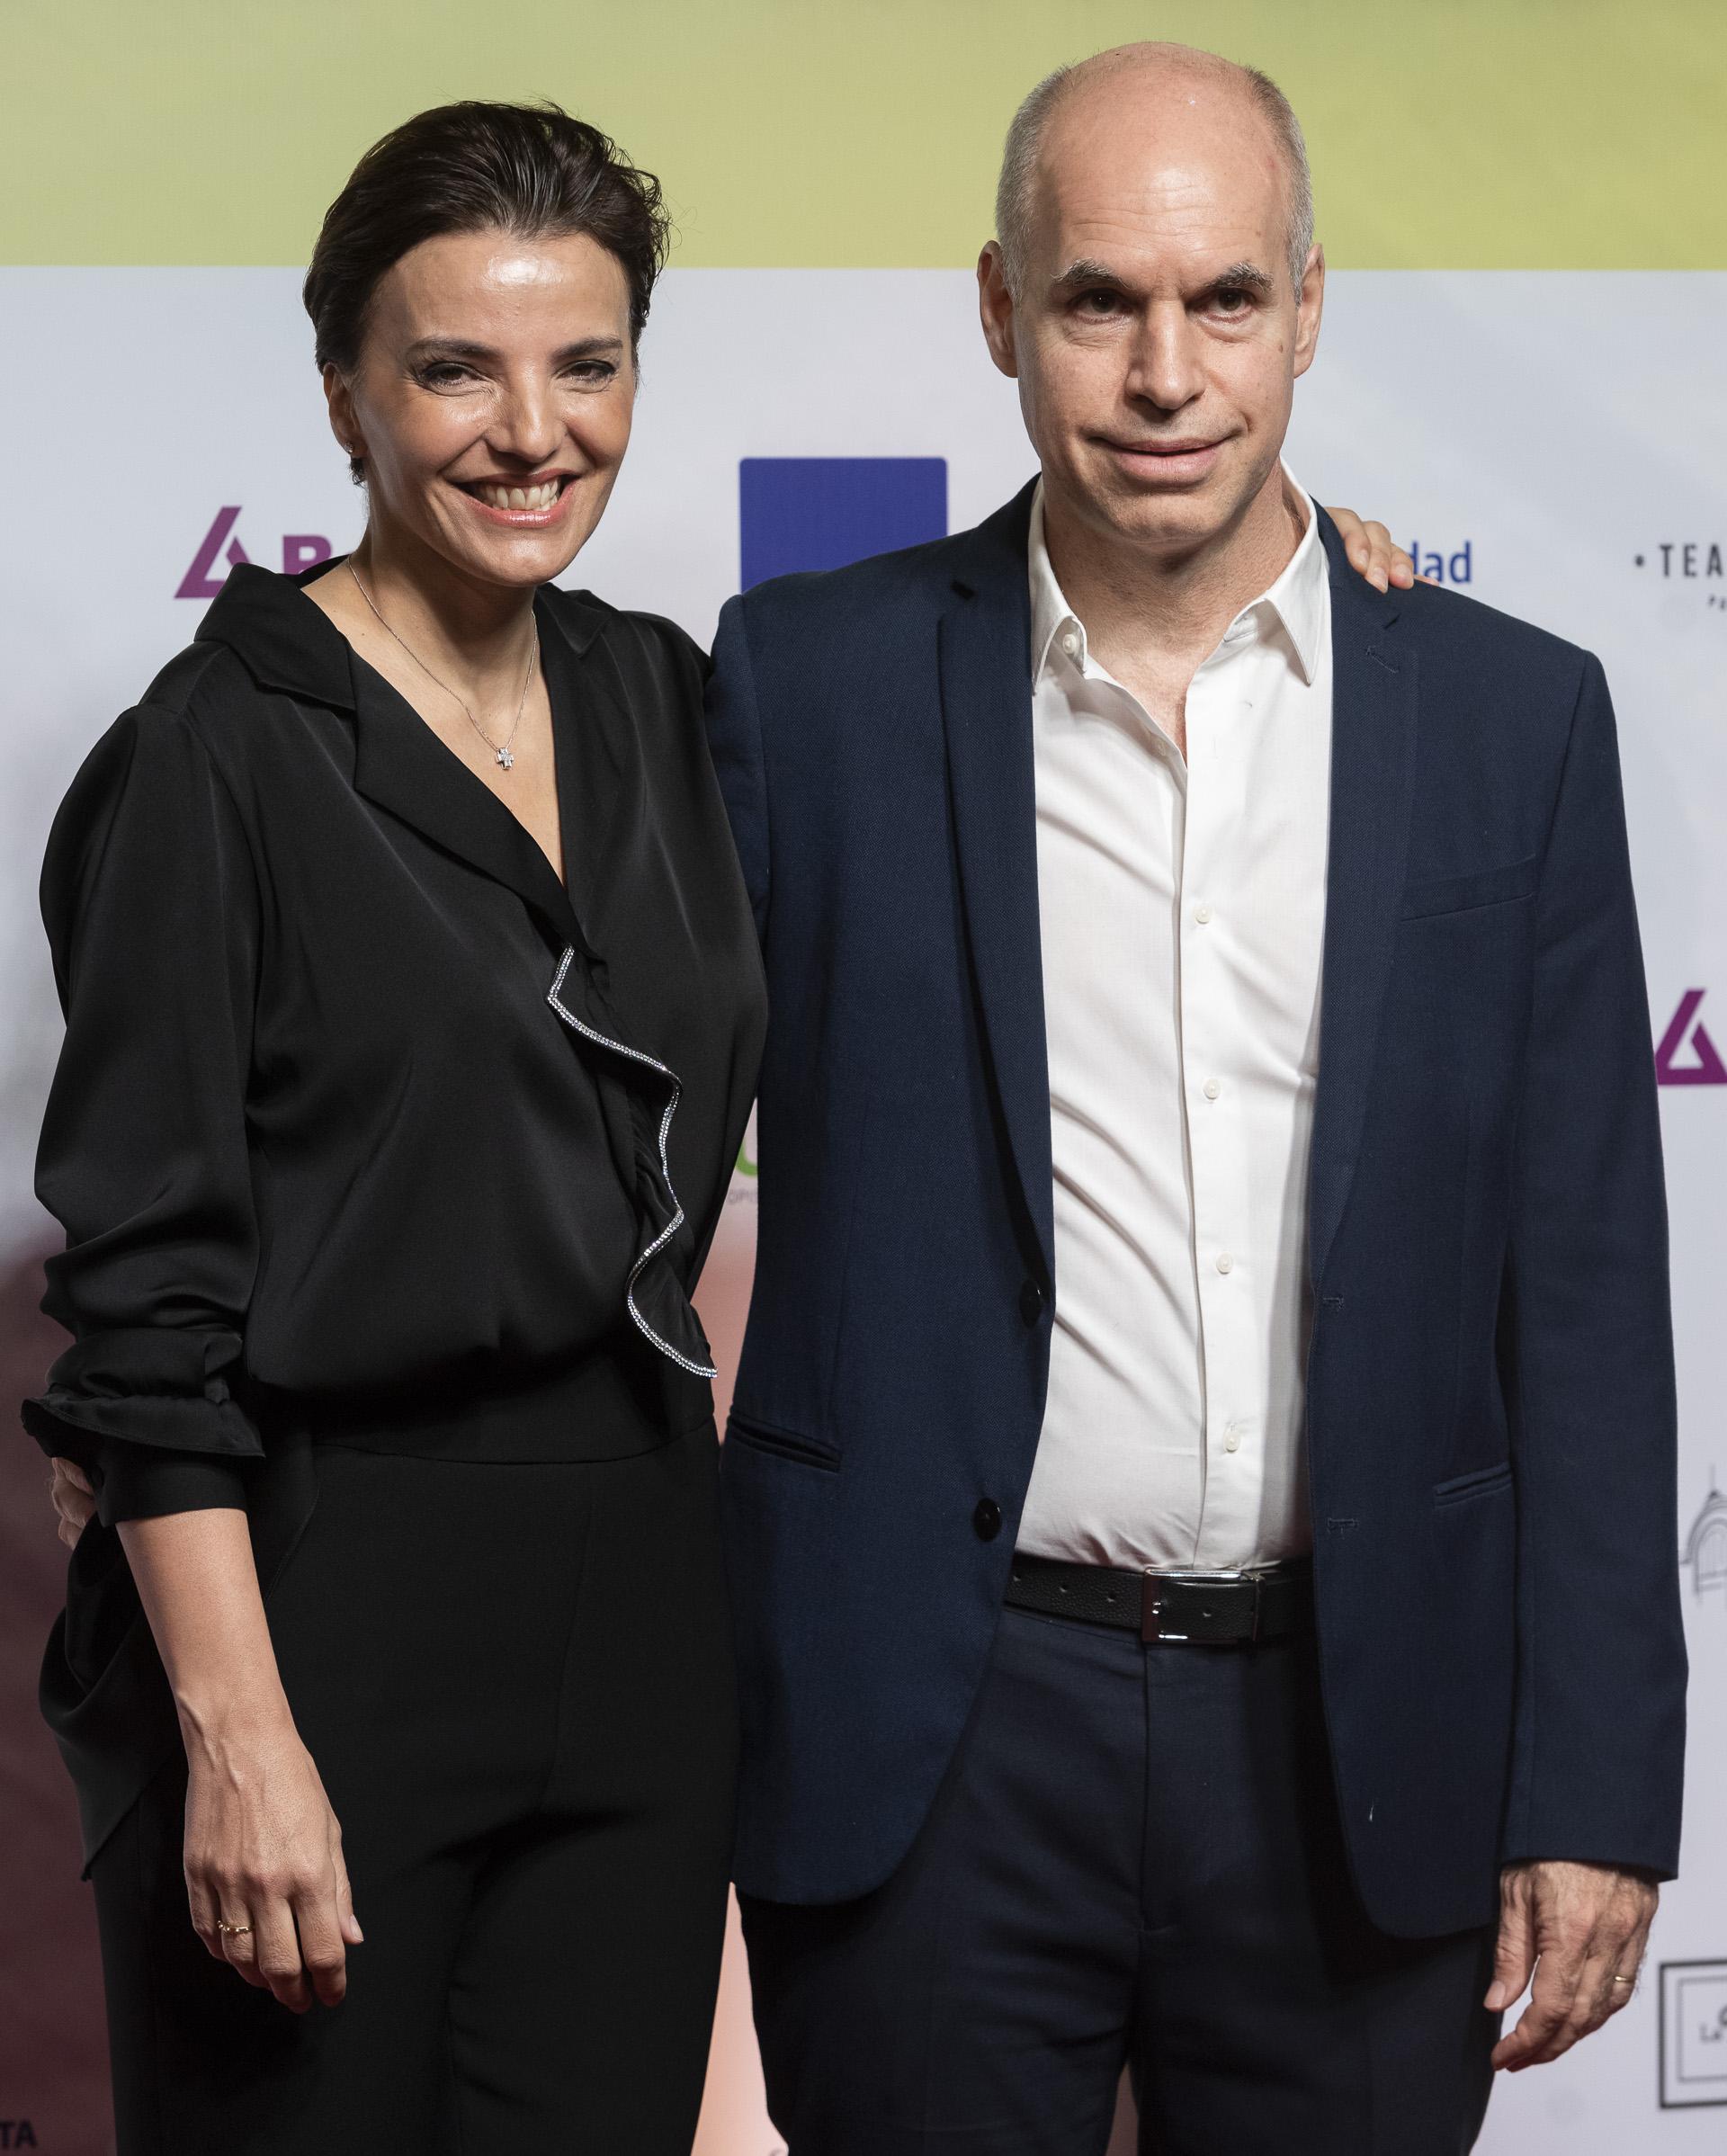 El jefe de Gobierno de la Ciudad, Horacio Rodriguez Larreta y su esposa, Barbara Diez